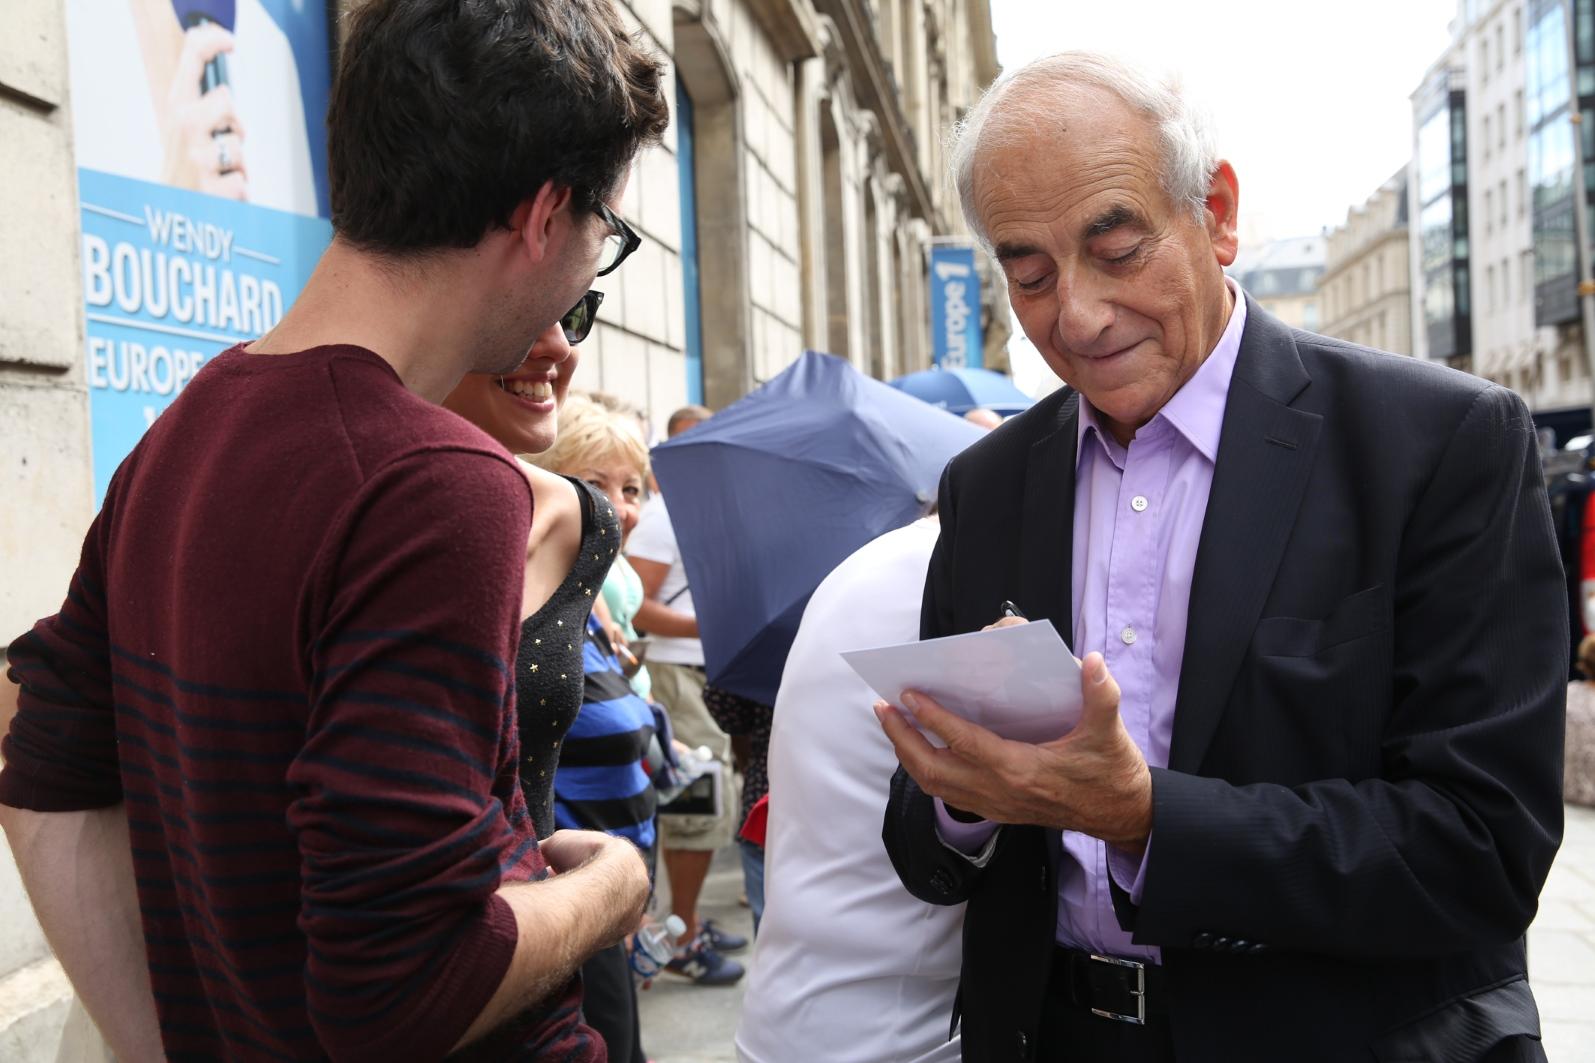 Comme chaque année, Jean-Pierre Elkabbach a signé lui aussi quelques autographes